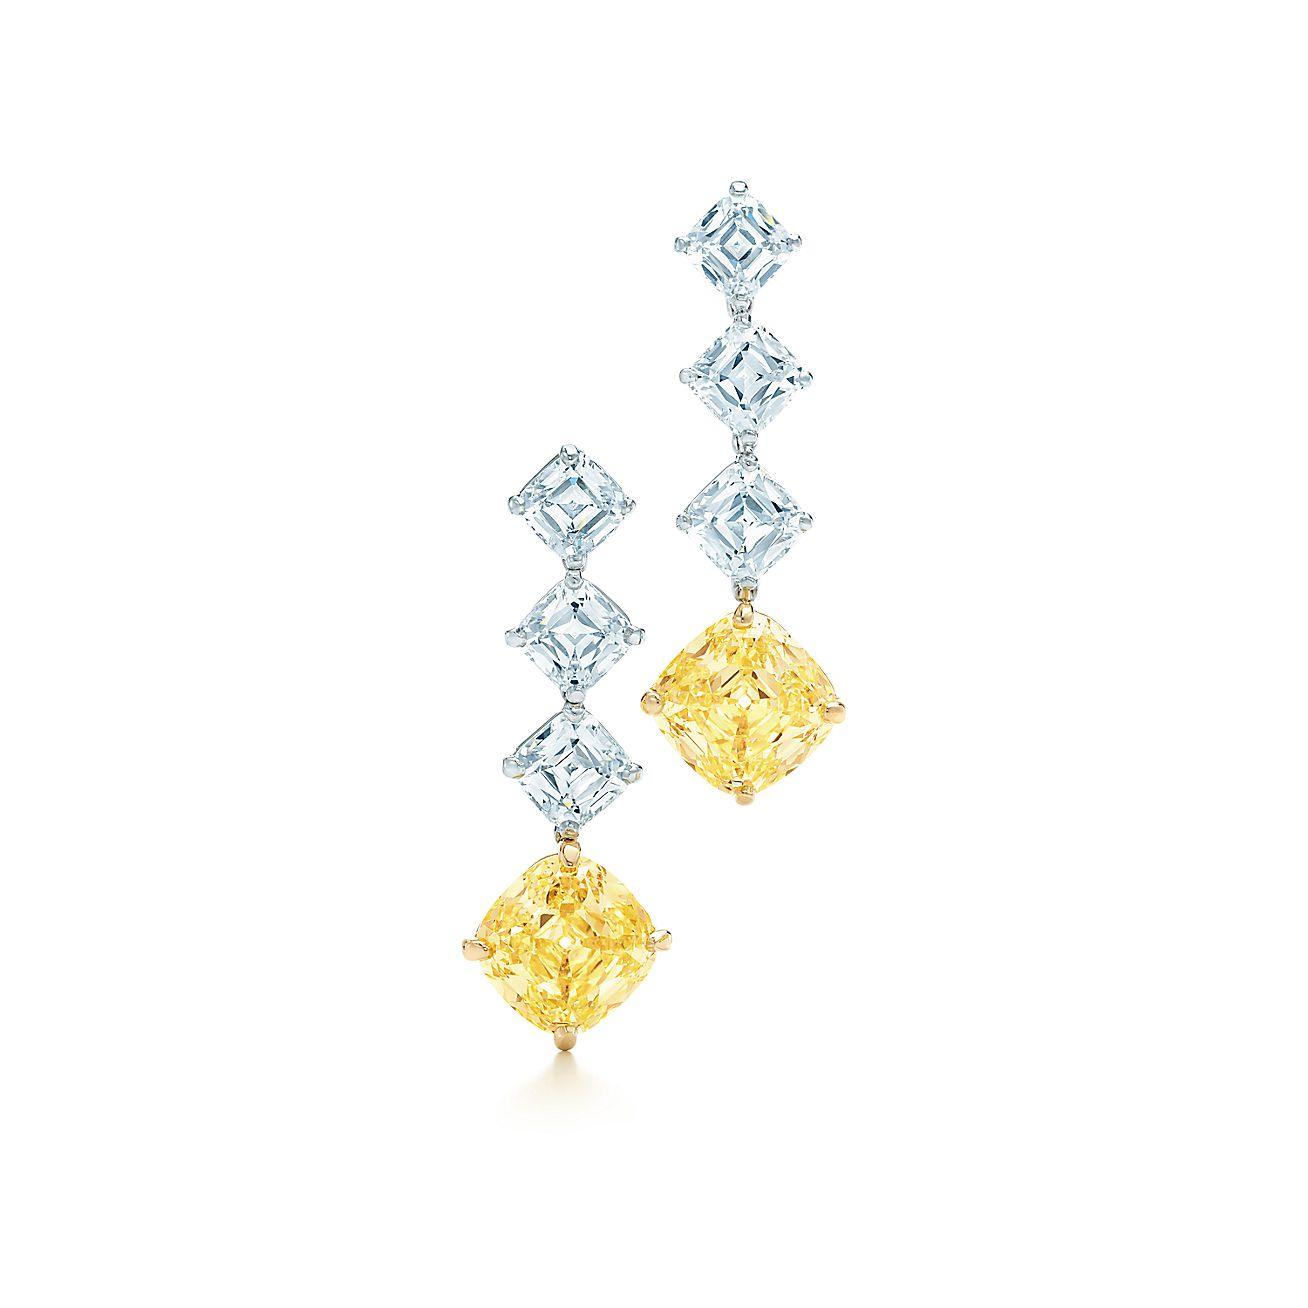 Fancy Intense Yellow Diamond Earrings